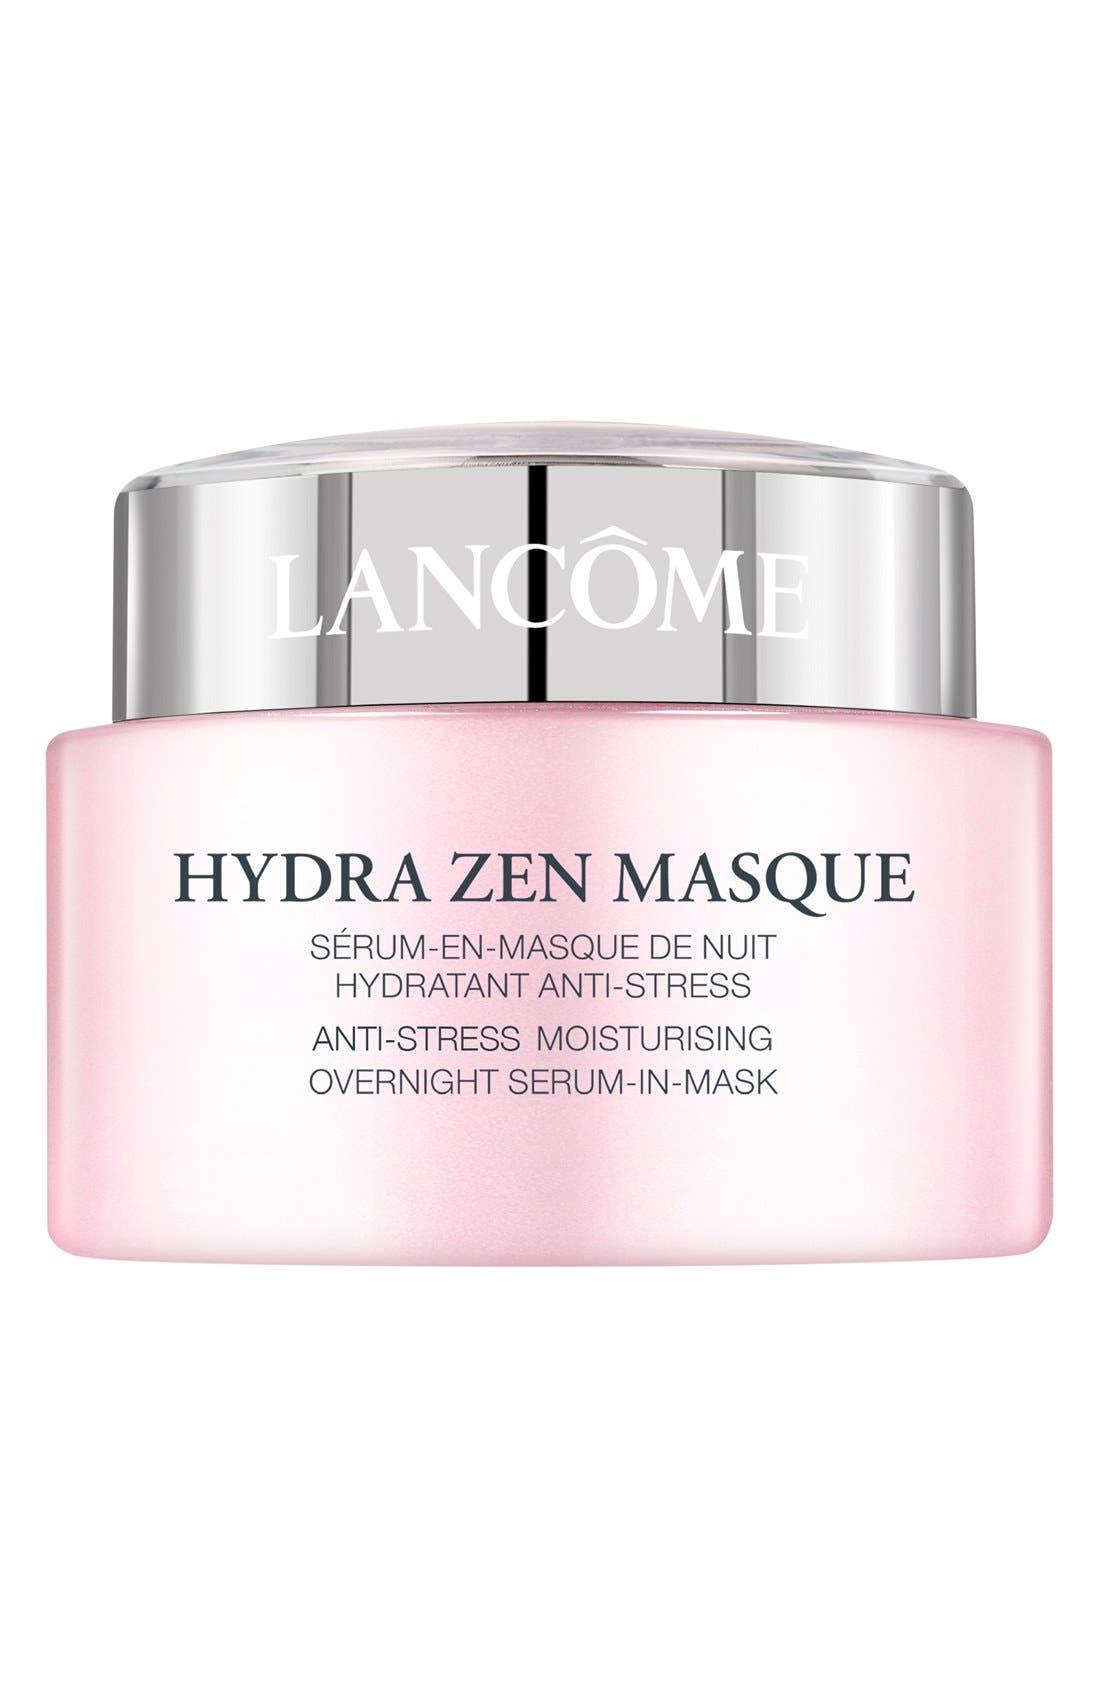 Lancome Hydra Zen Anti-Stress Moisturizing Overnight Serum-In-Mask